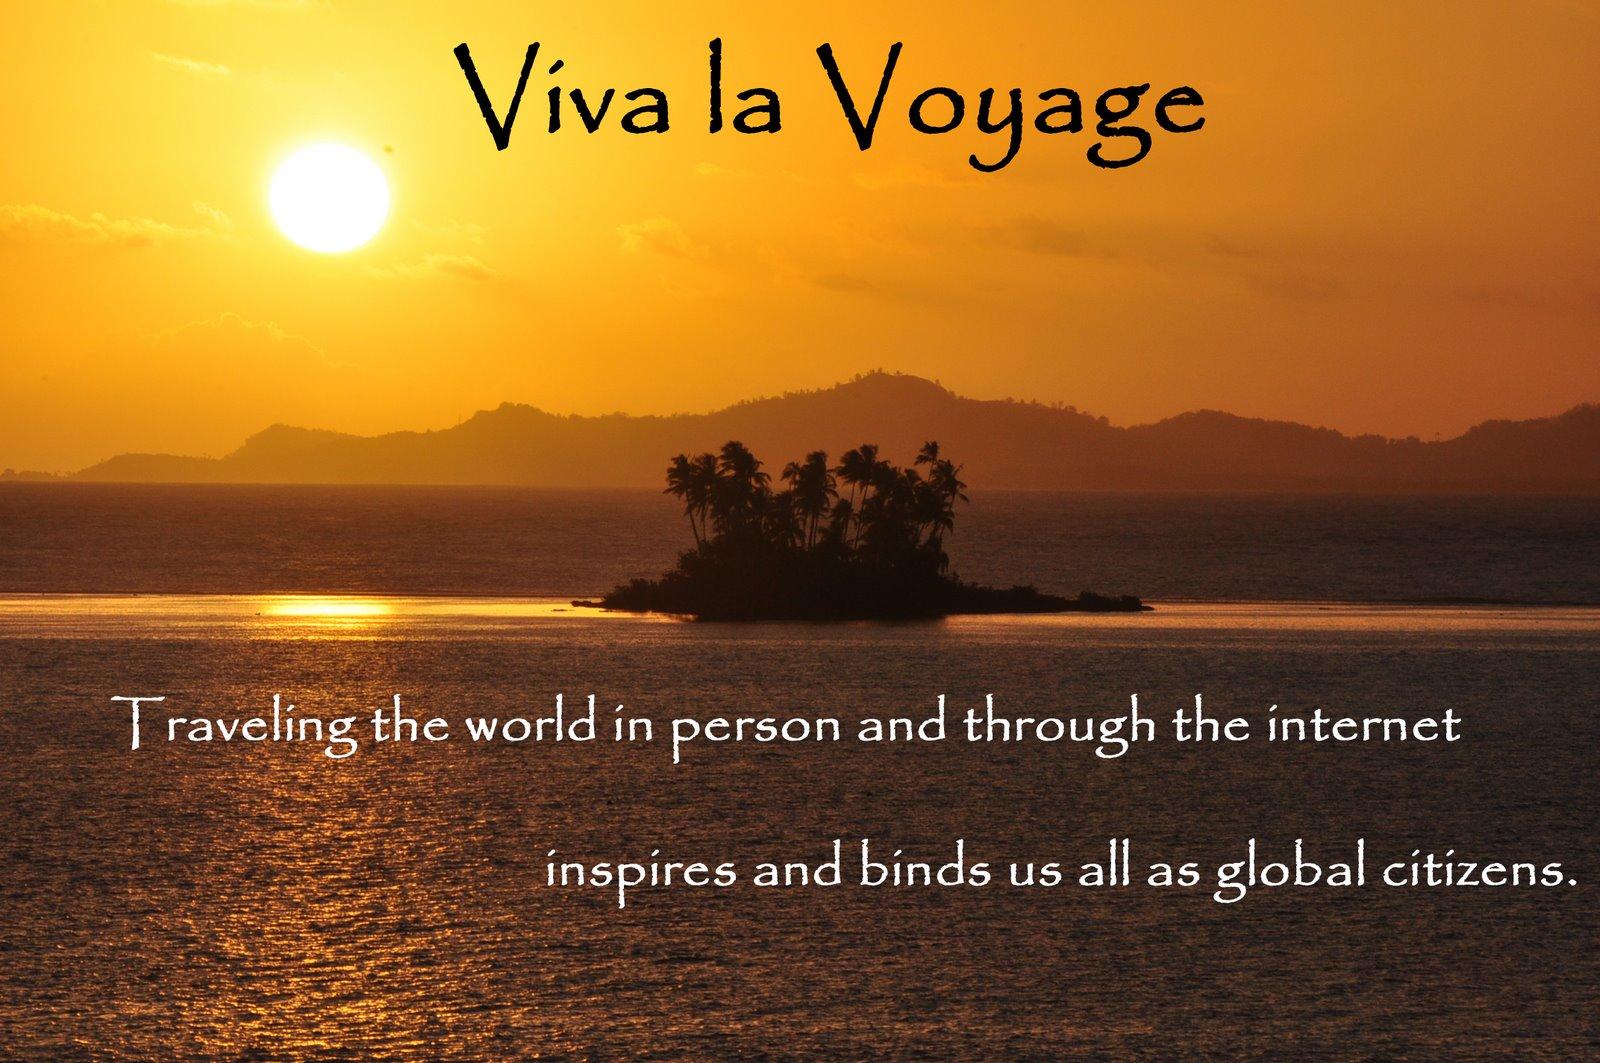 Viva la Voyage